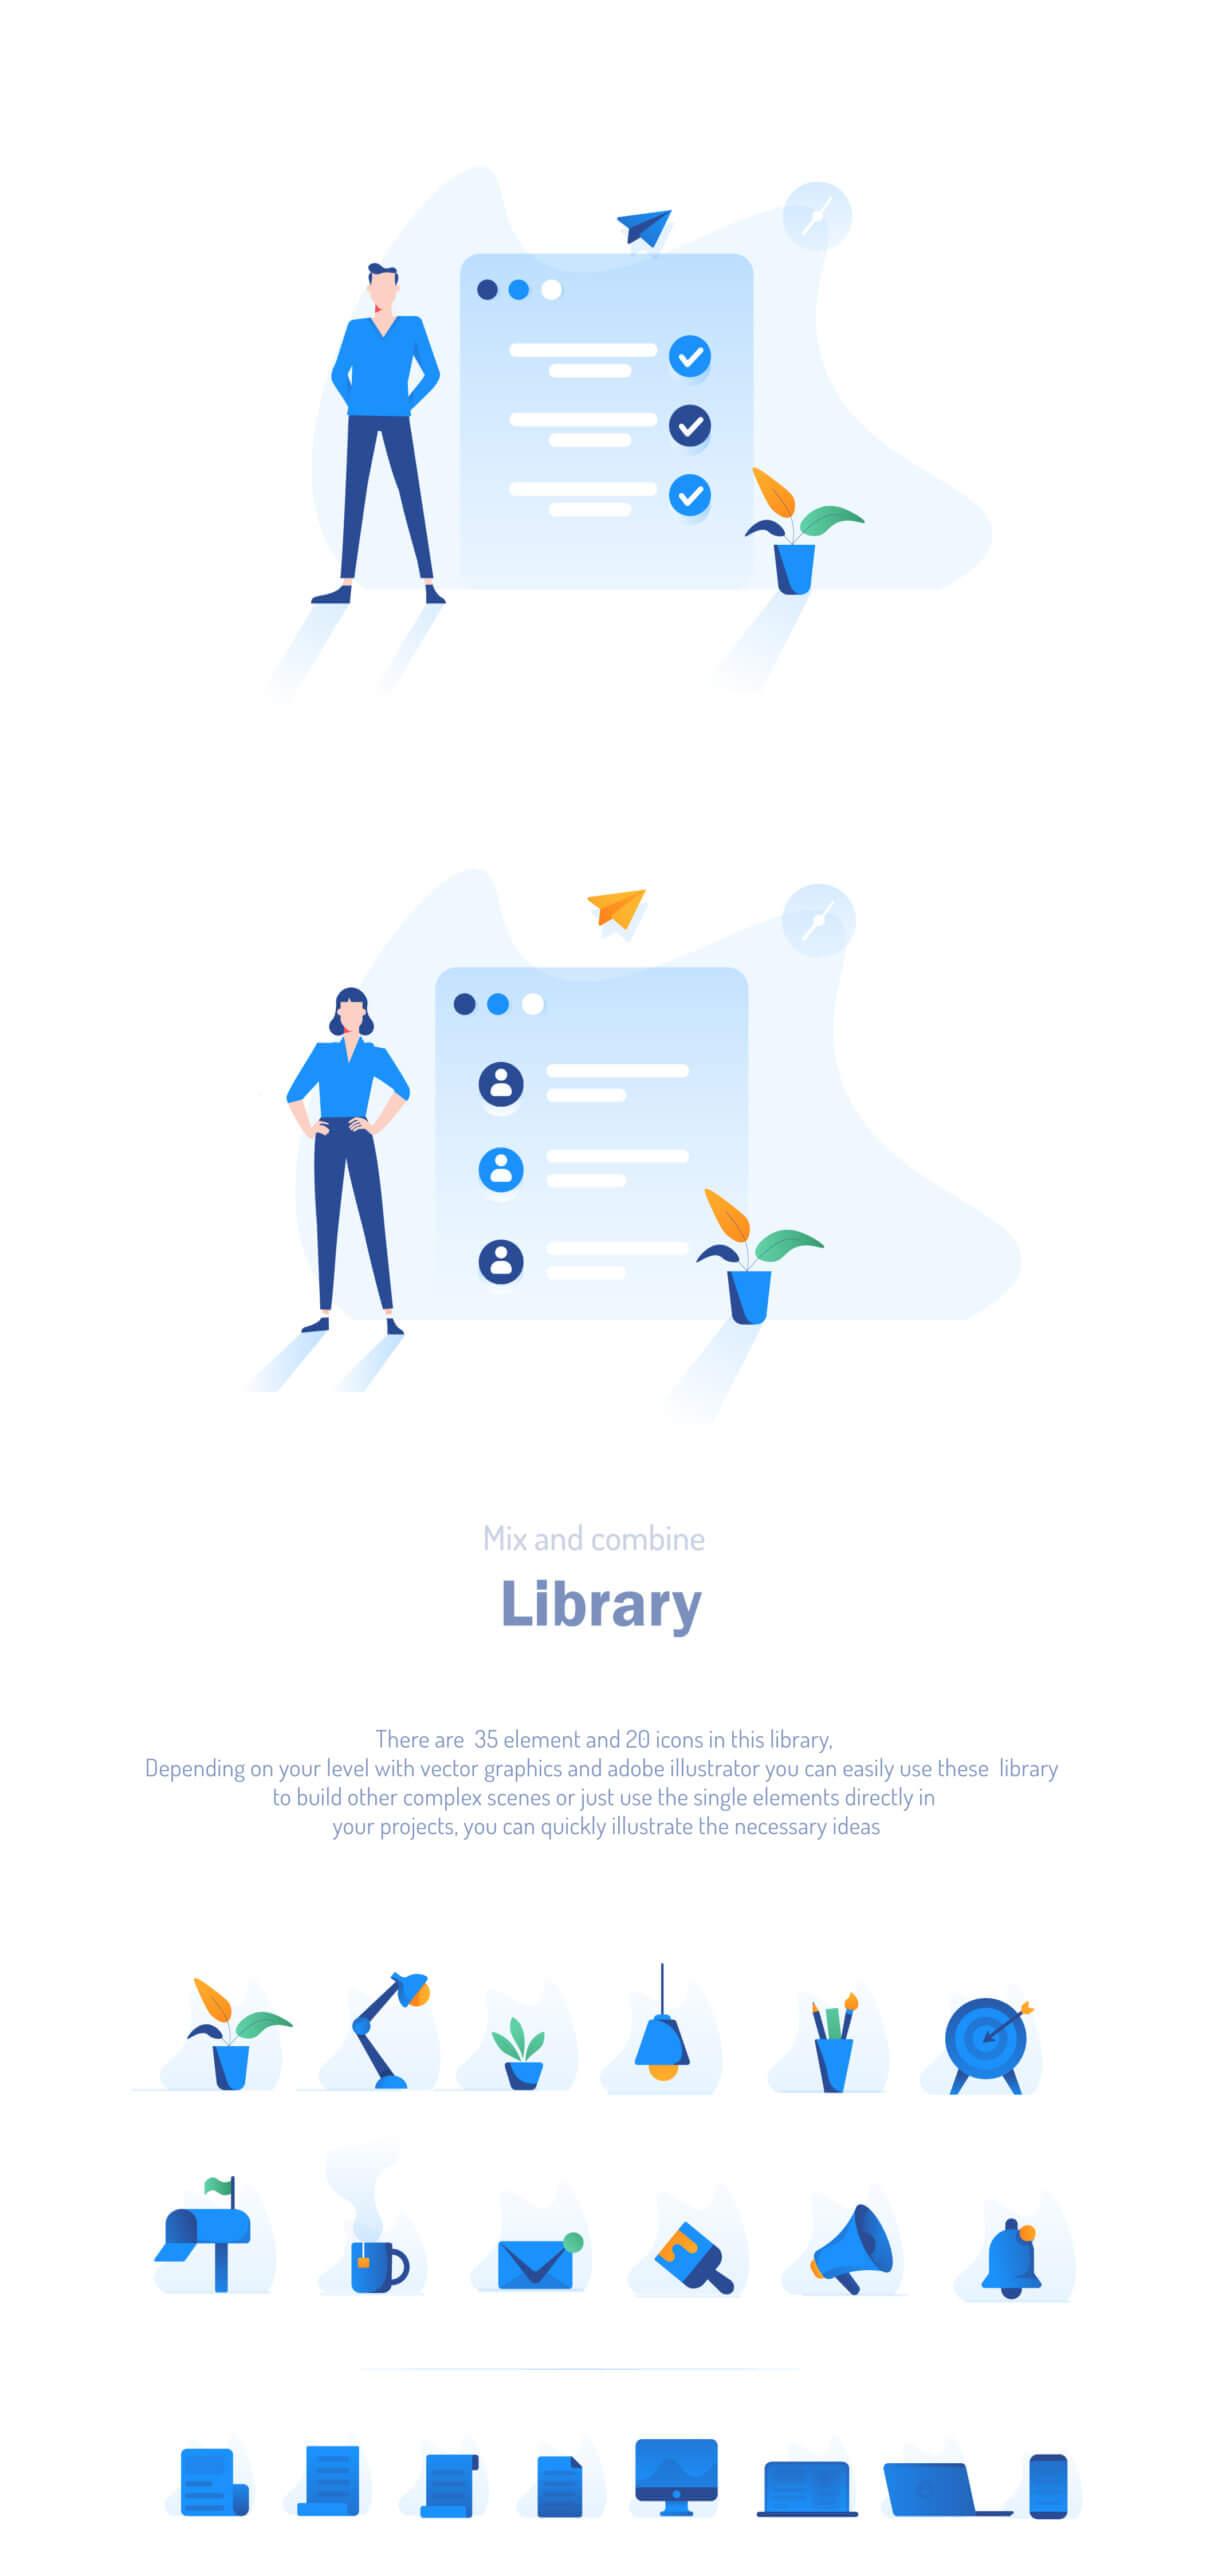 现代企业办公场景插画/移动界面素材下载Illustration Pack插图(15)